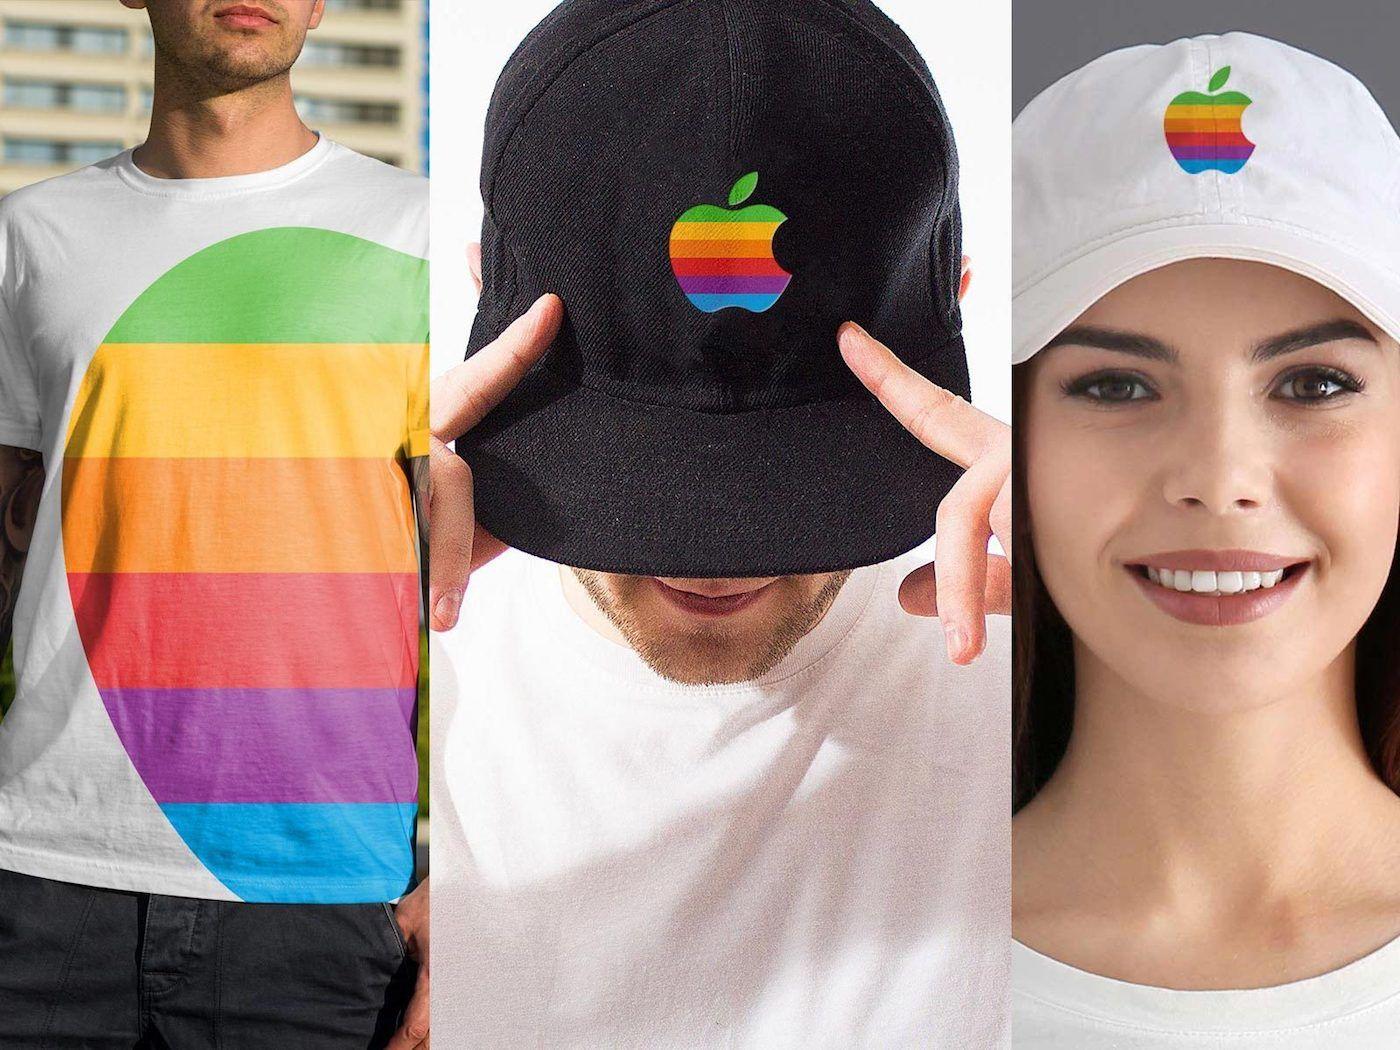 Apple veut utiliser son logo coloré sur des vêtements